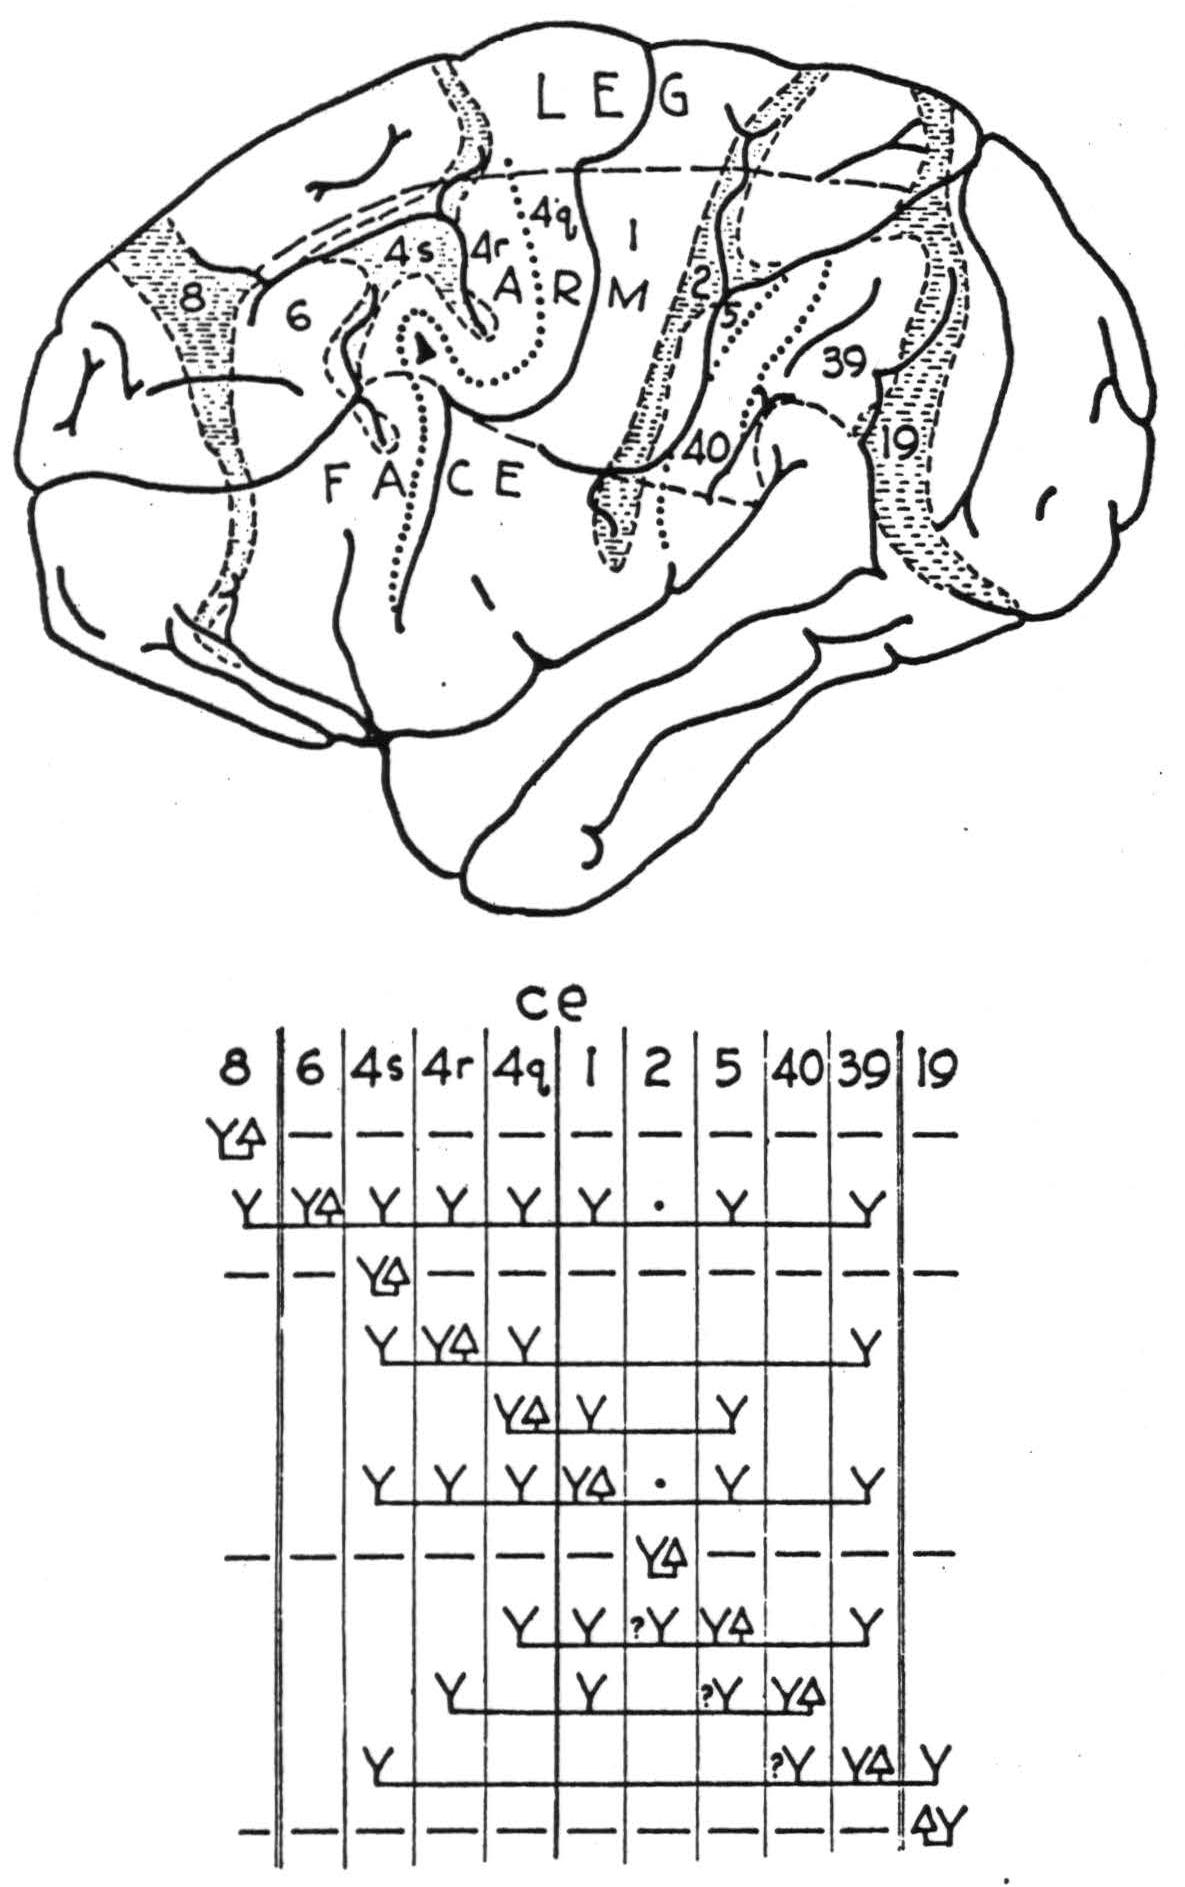 Figure 91b